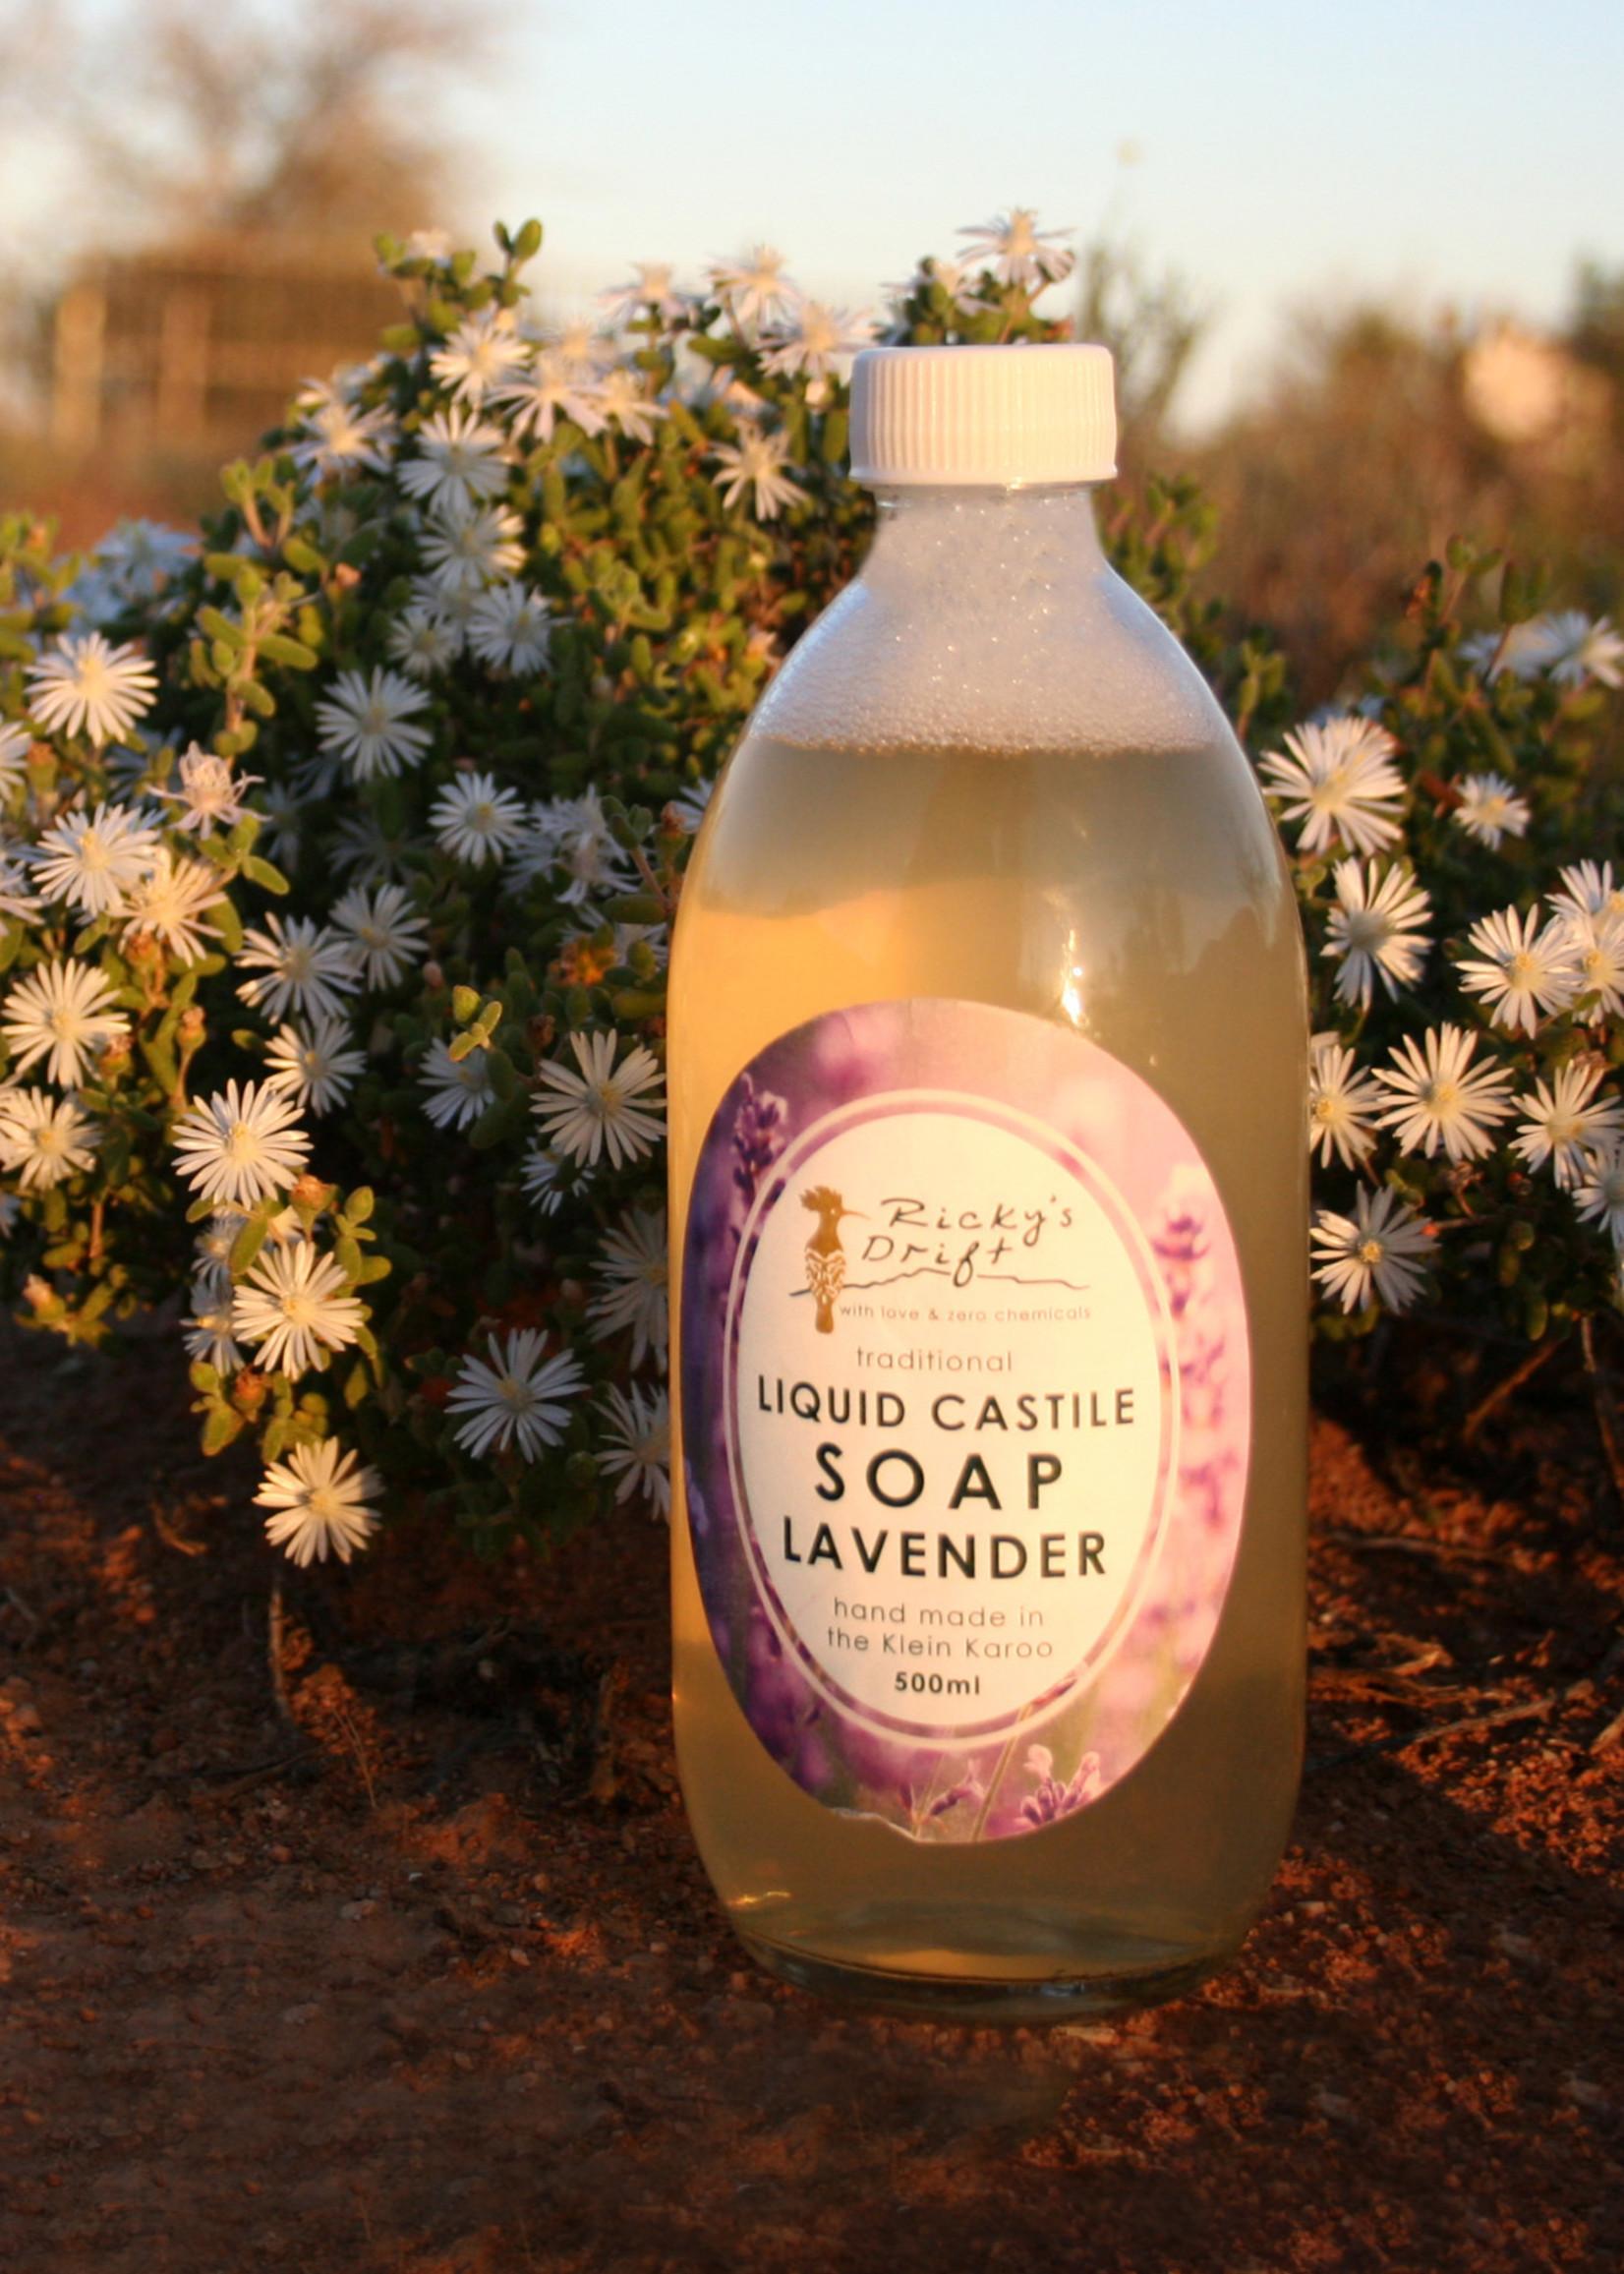 Ricky's Drift - Liquid Castile soap Lavender